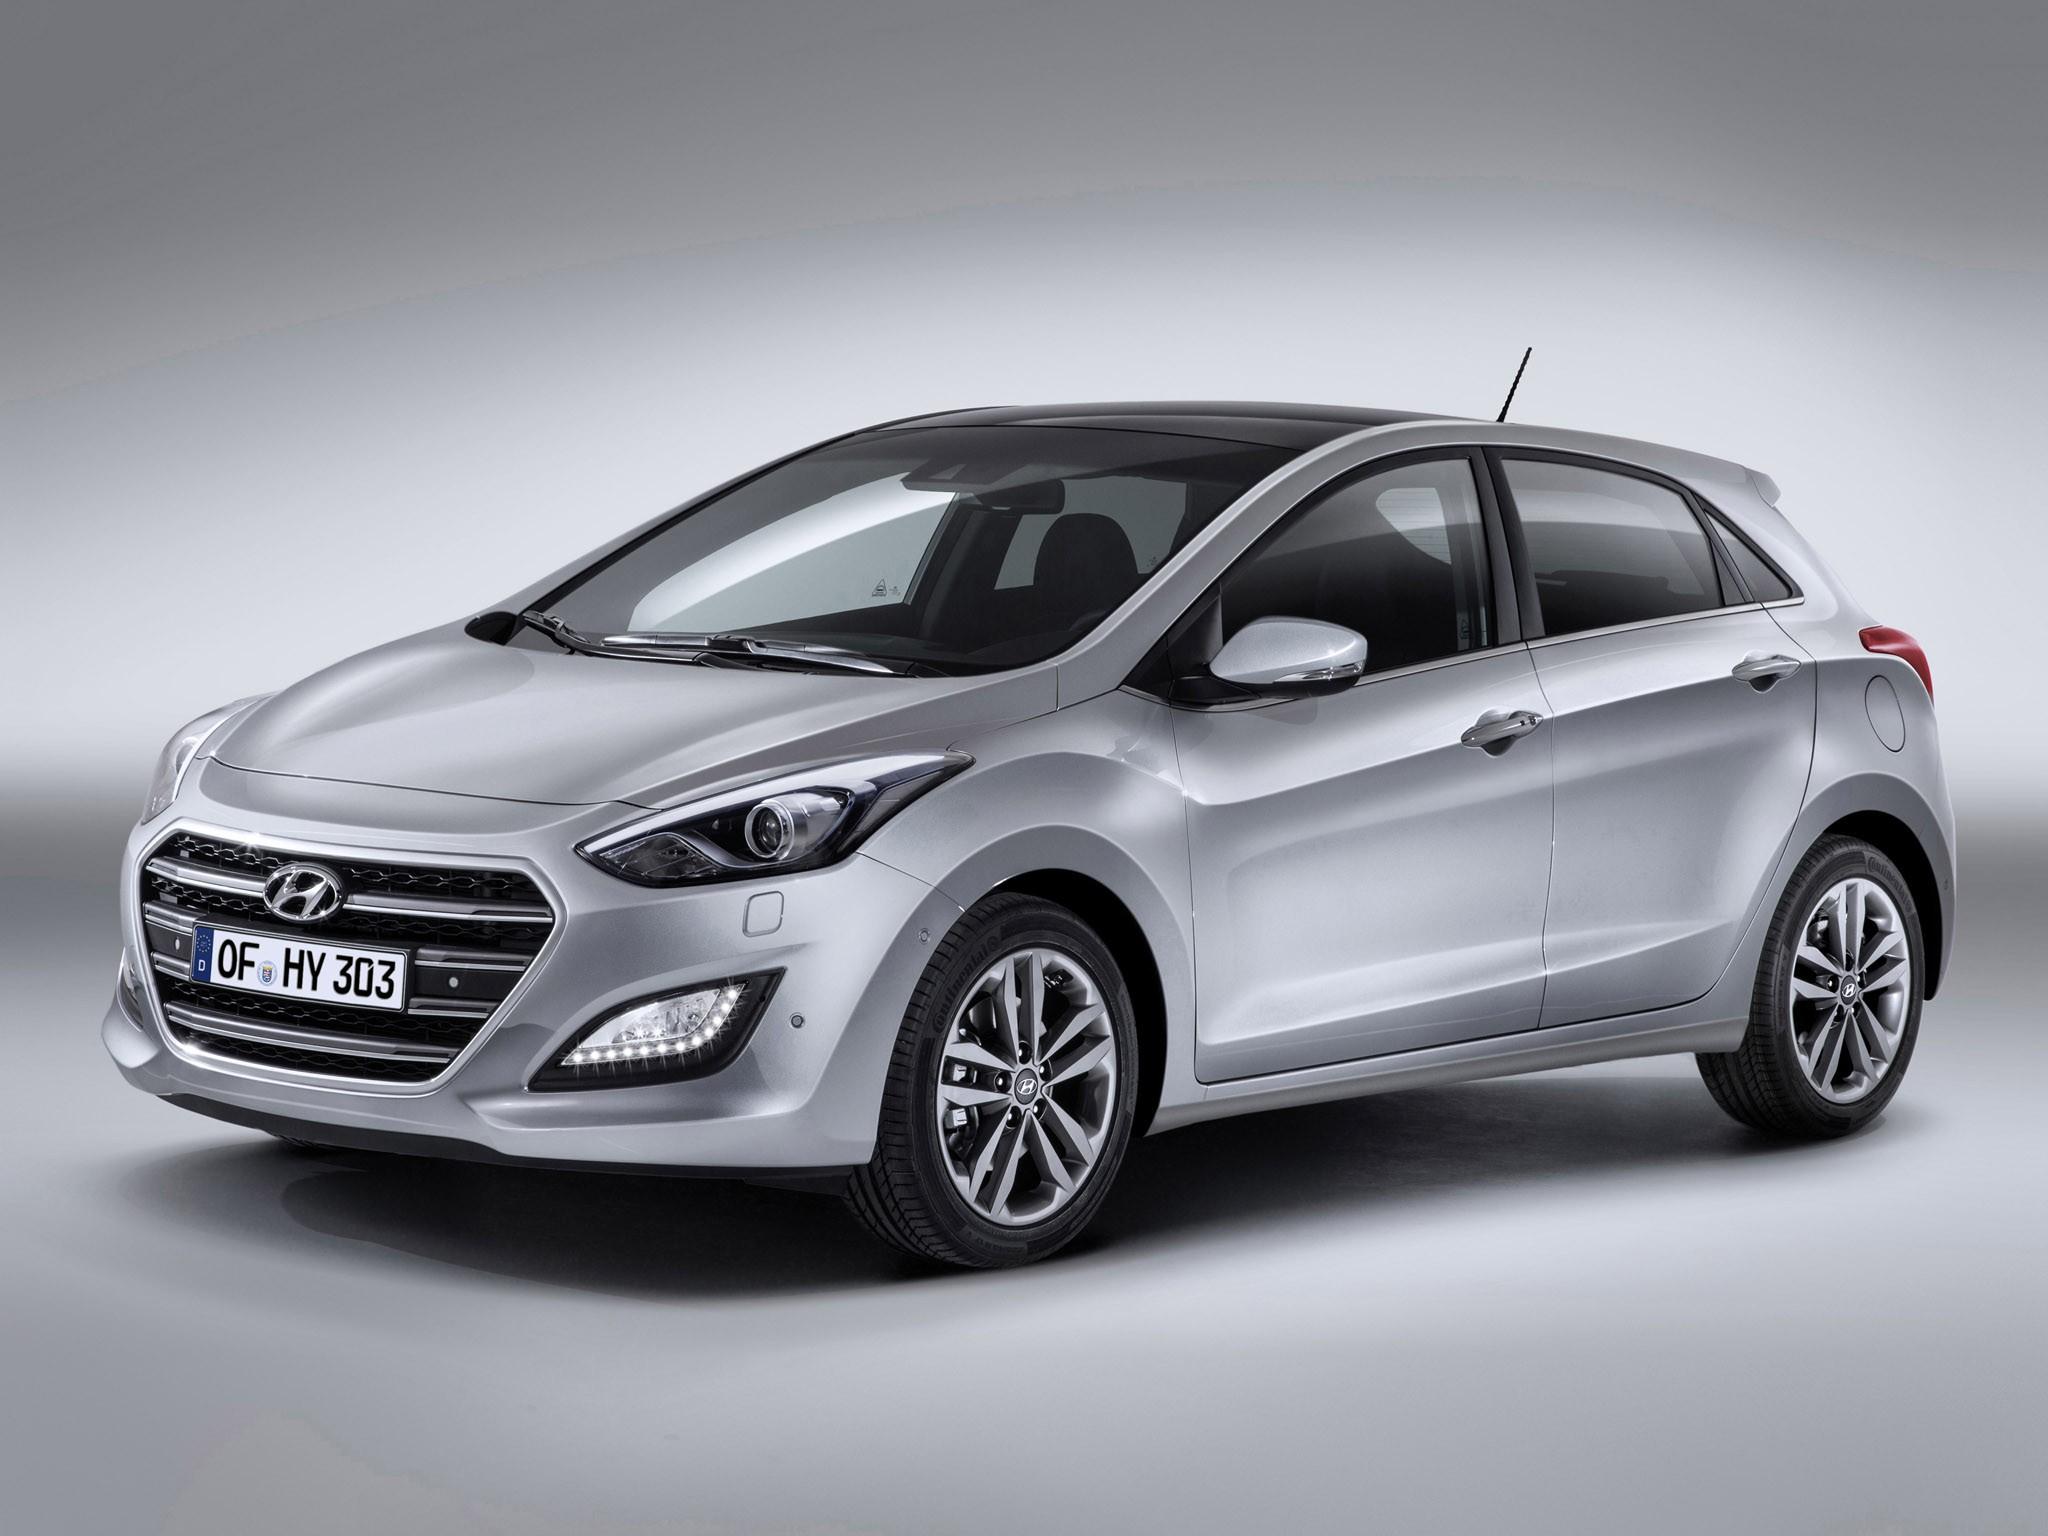 2015 Hyundai i30 5 Portes